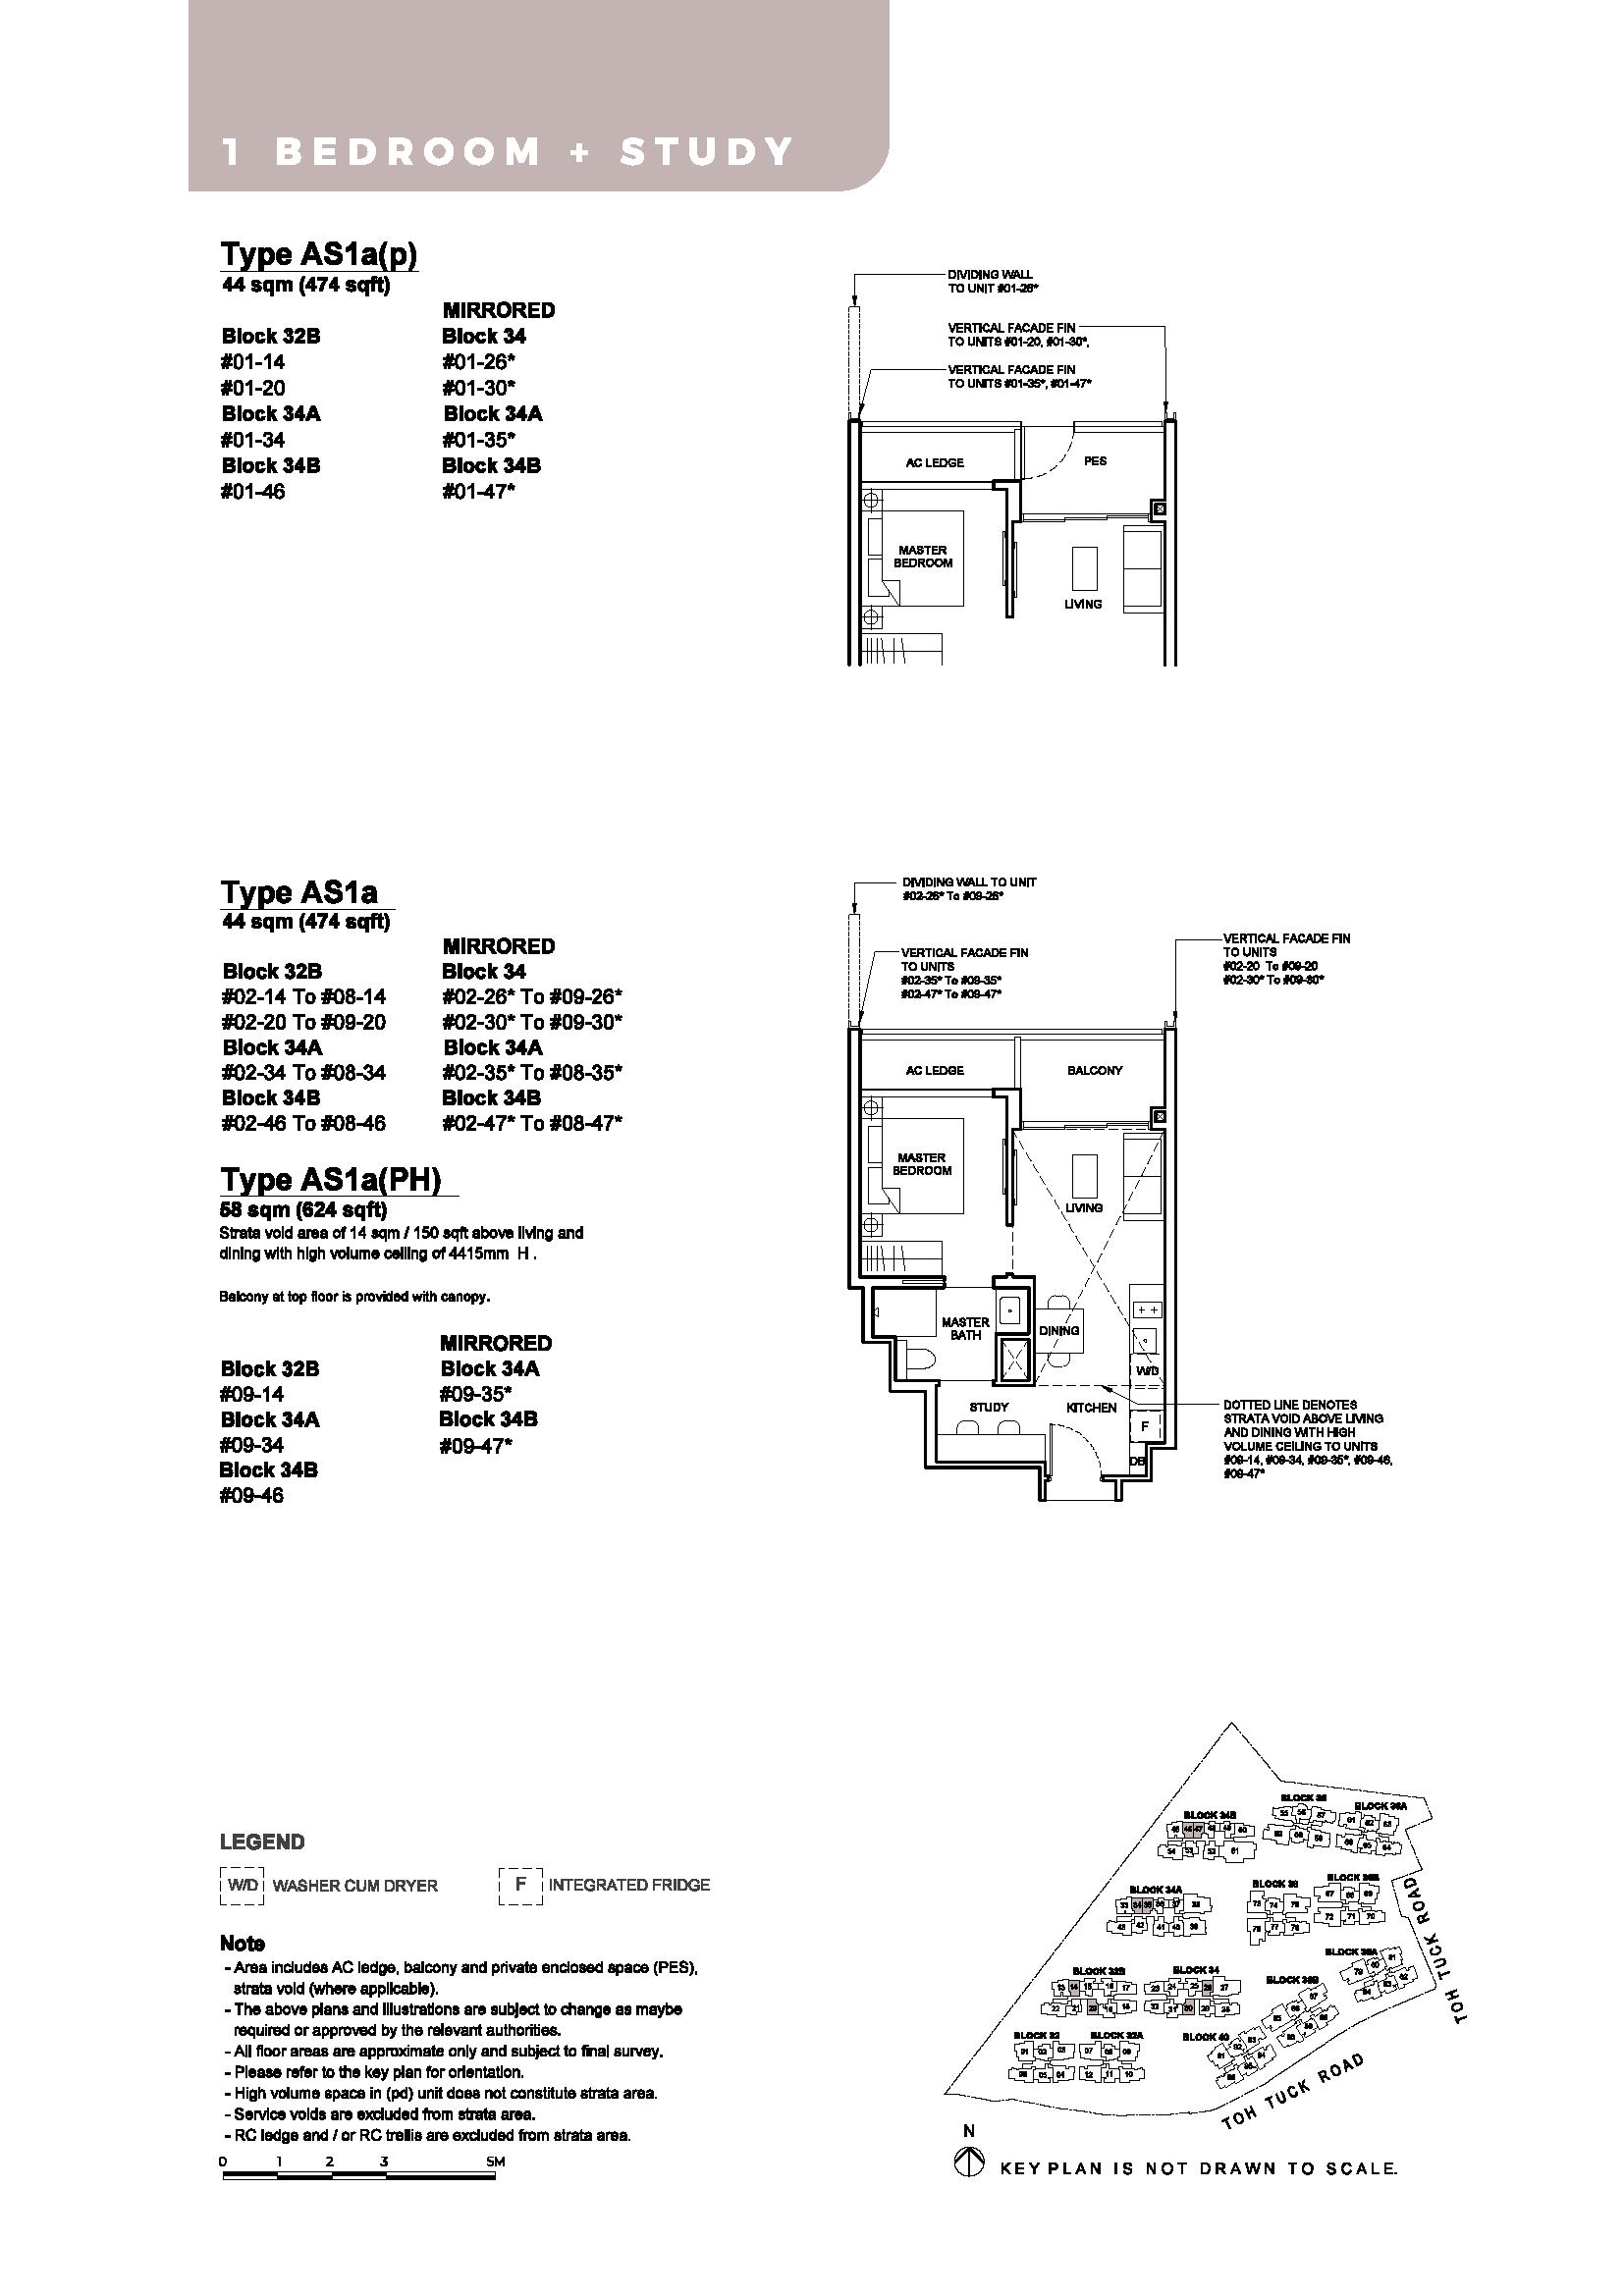 Type A1Sa, A1Sa(p), A1s(PH)